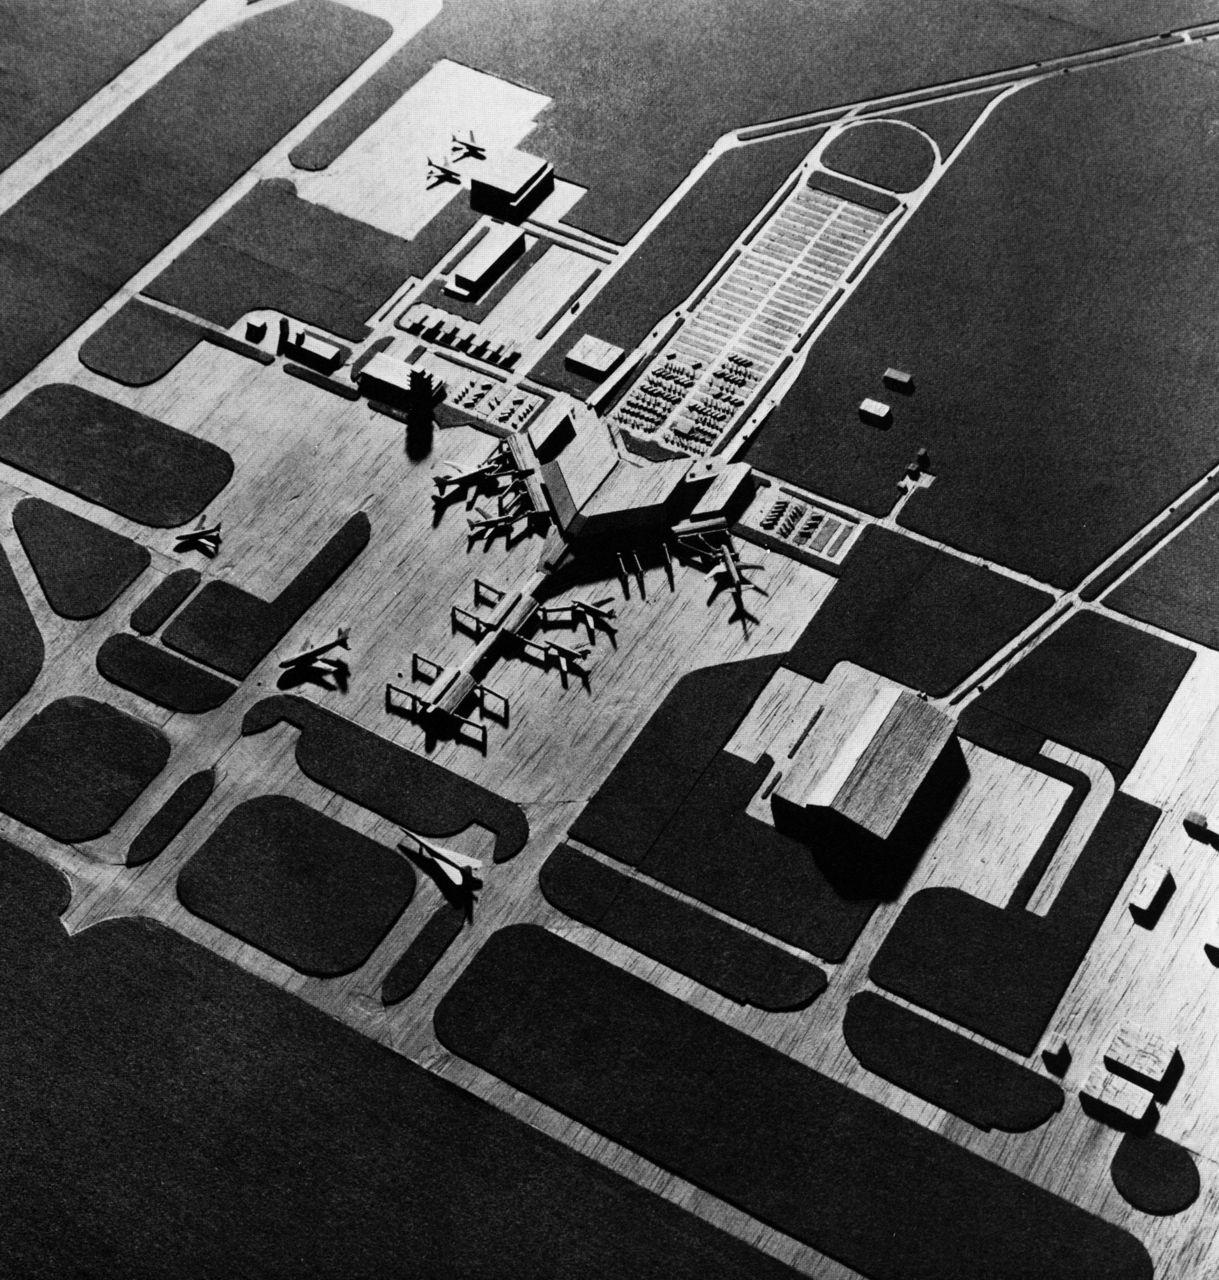 Kenzo Tange Kuwait International Airport